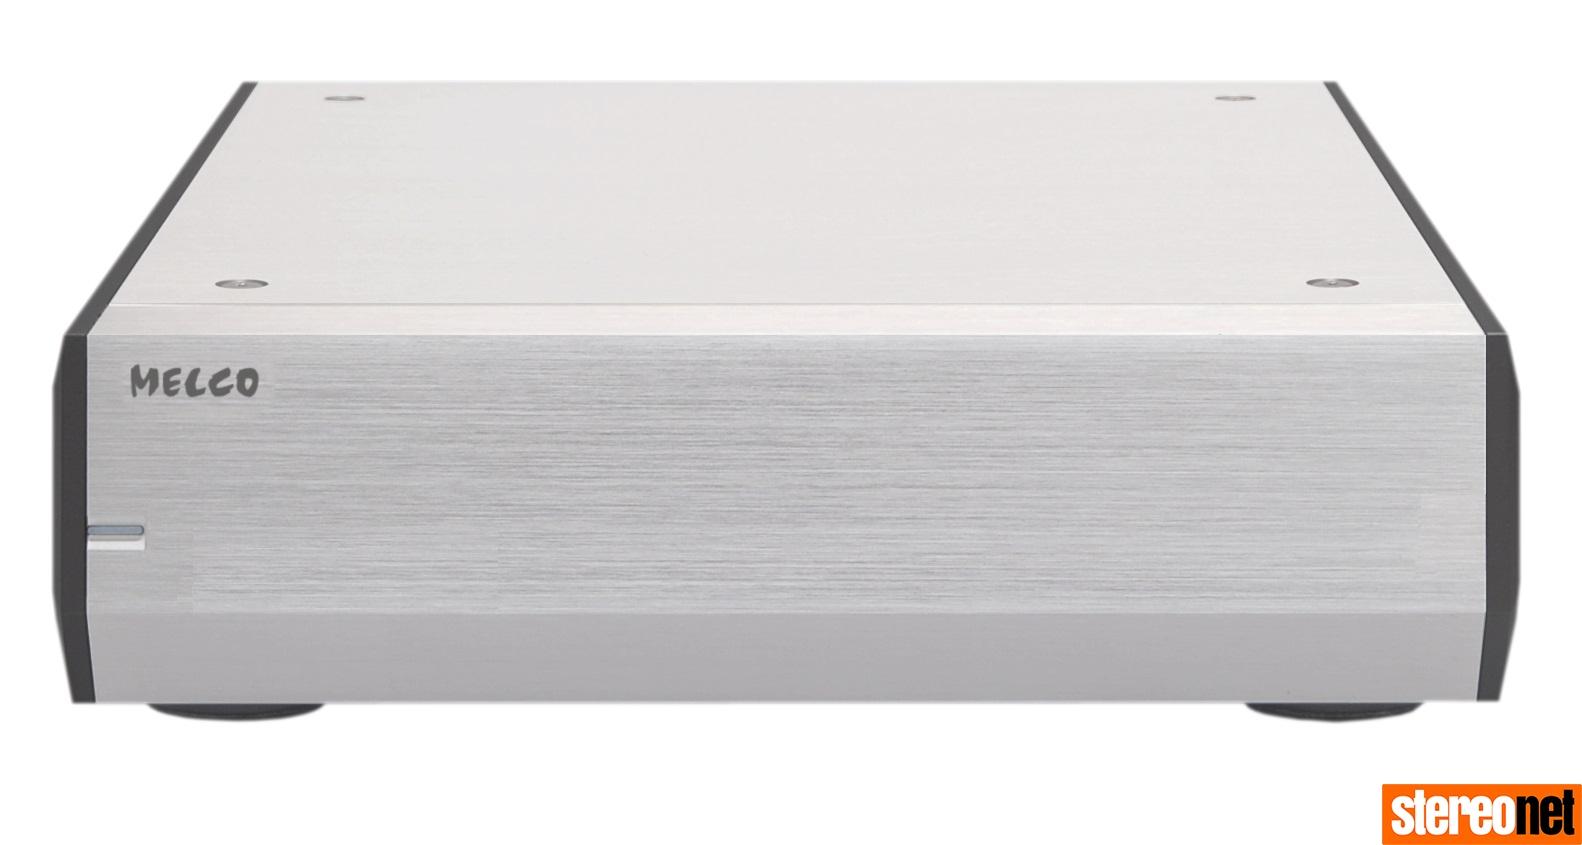 Melco S100